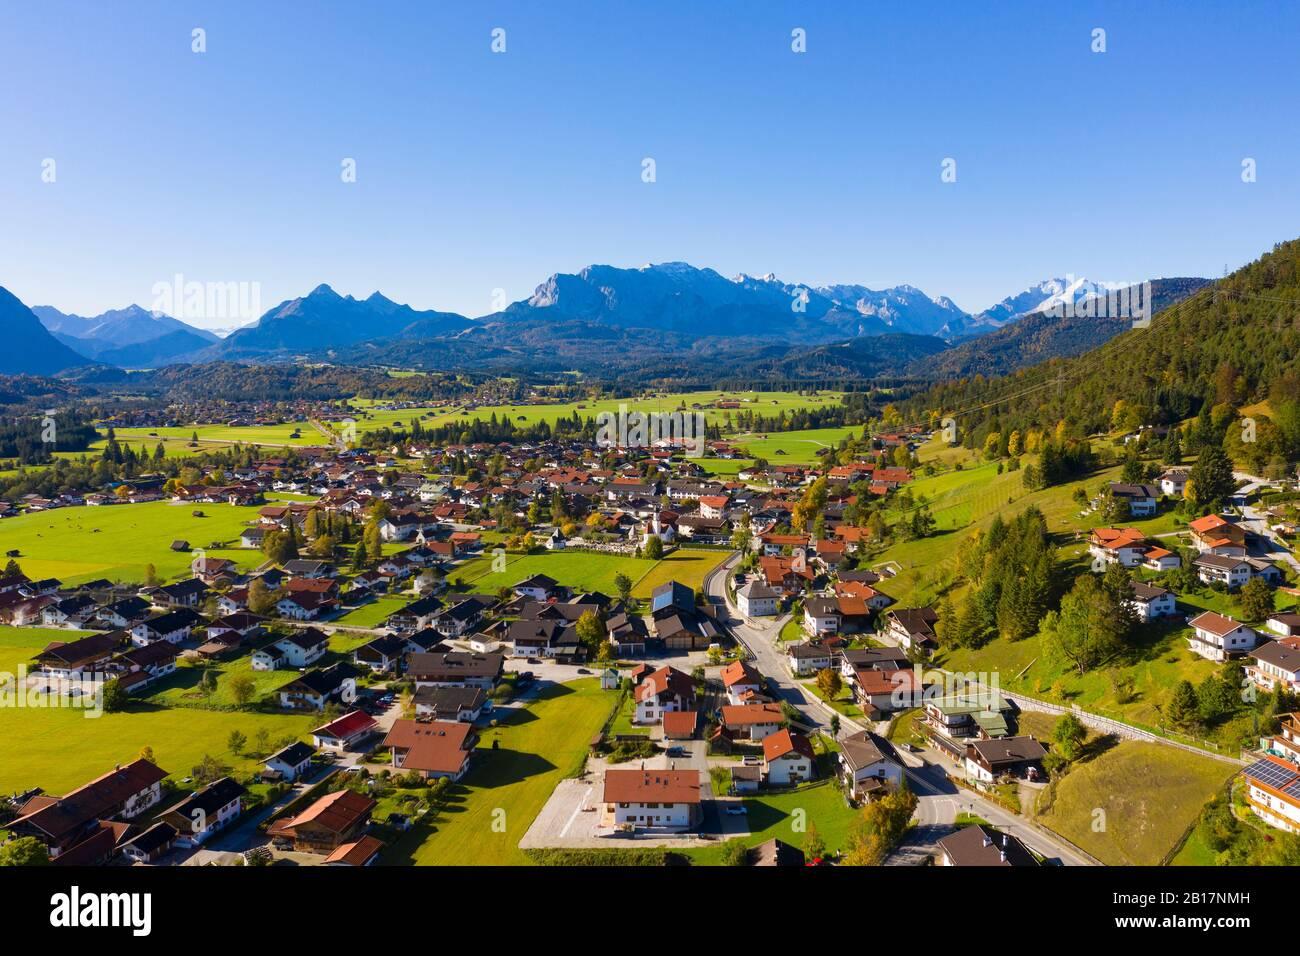 Gemeinde Wallgau vor Wettersteingebirge, Luftaufnahme, Werdenfelser Land, Oberbayern, Bayern, Deutschland, Stock Photo